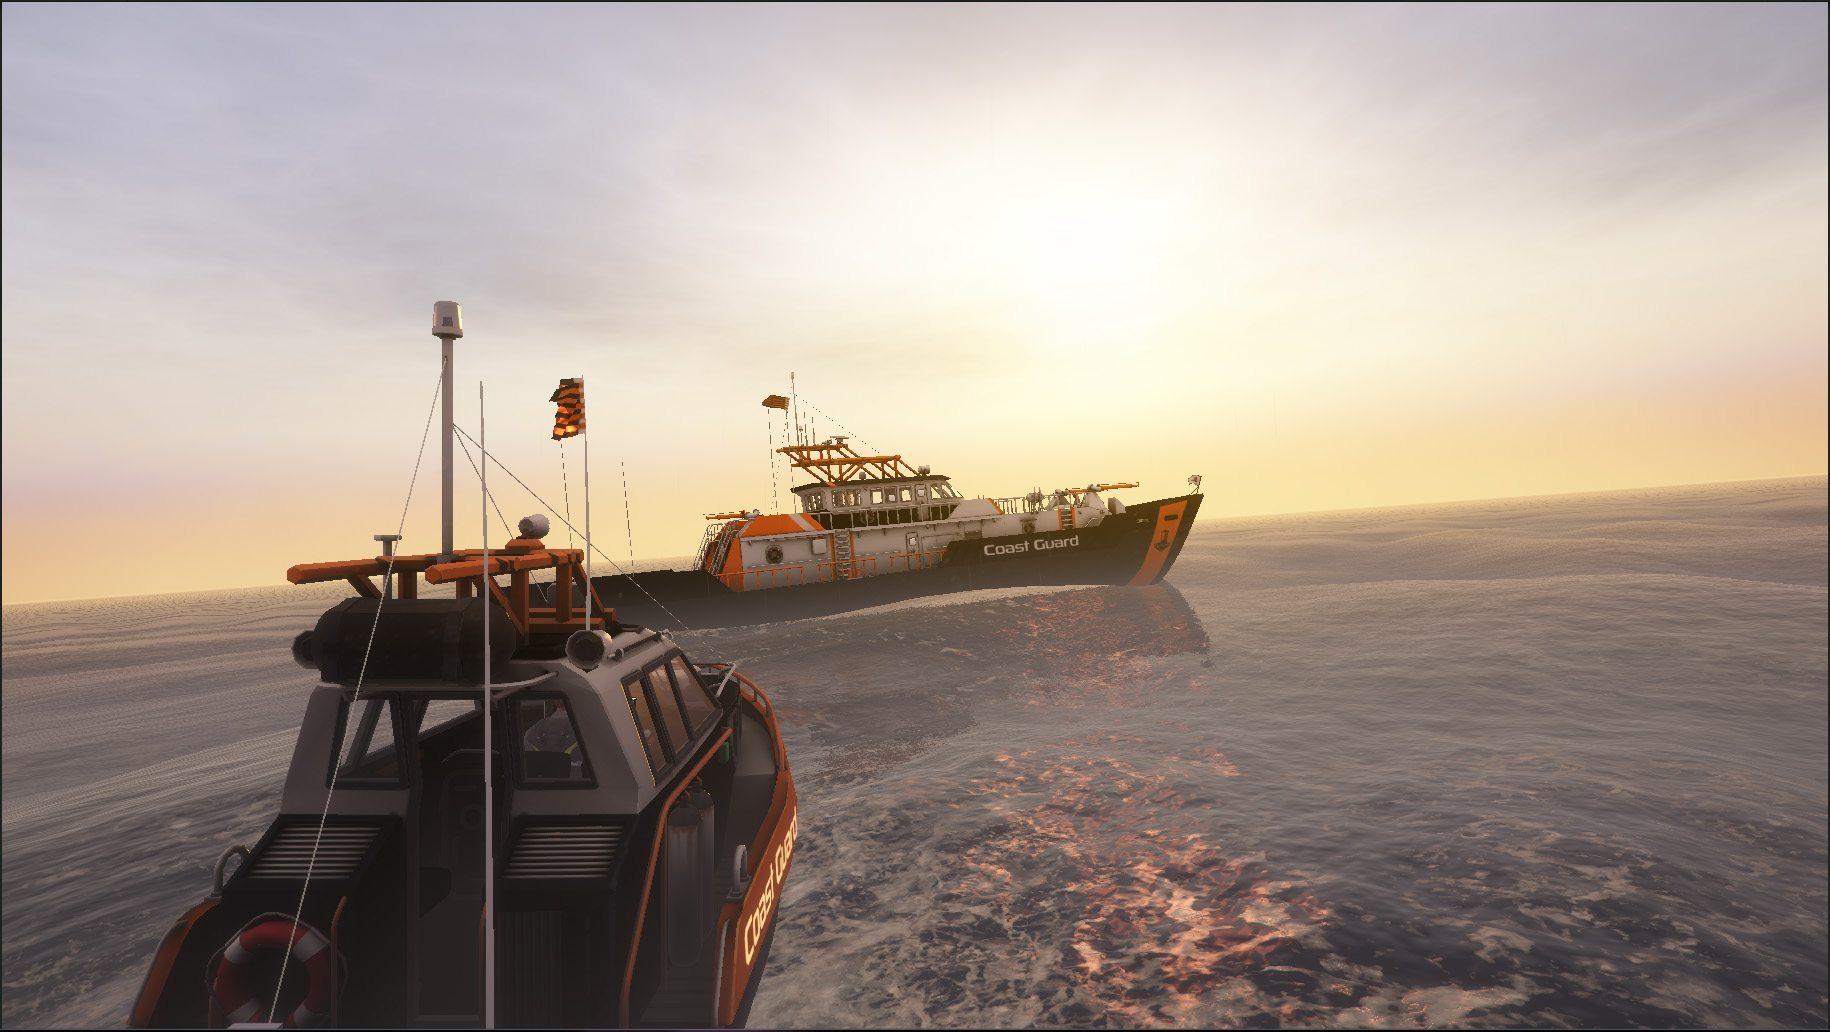 Bagogame-coast-guard-image